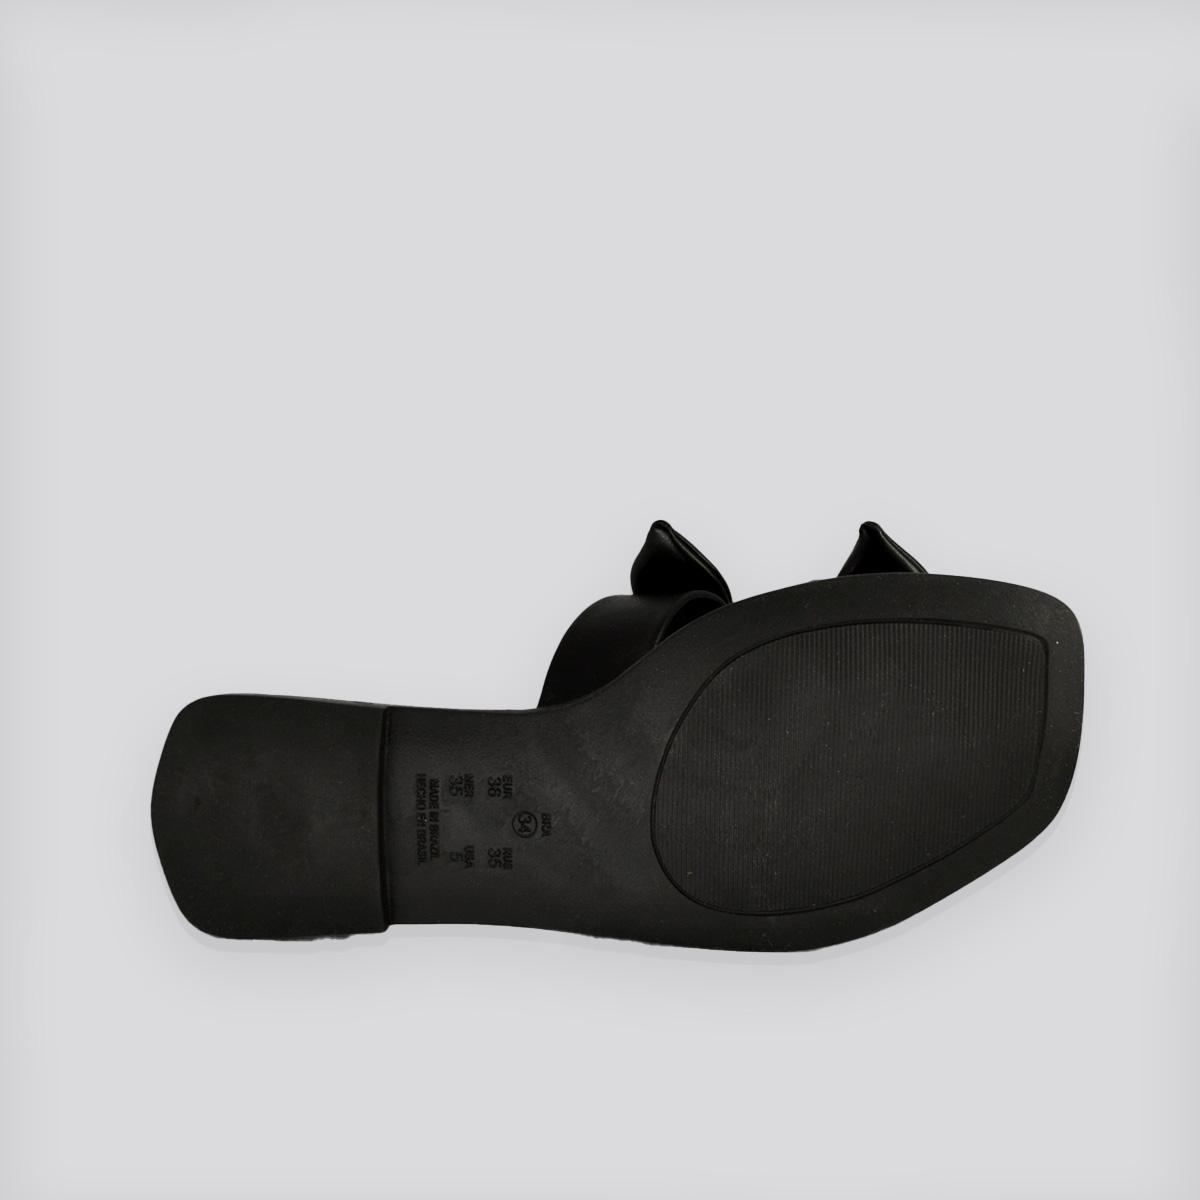 Chinelo  - Rasteira ConfortFlex Preto